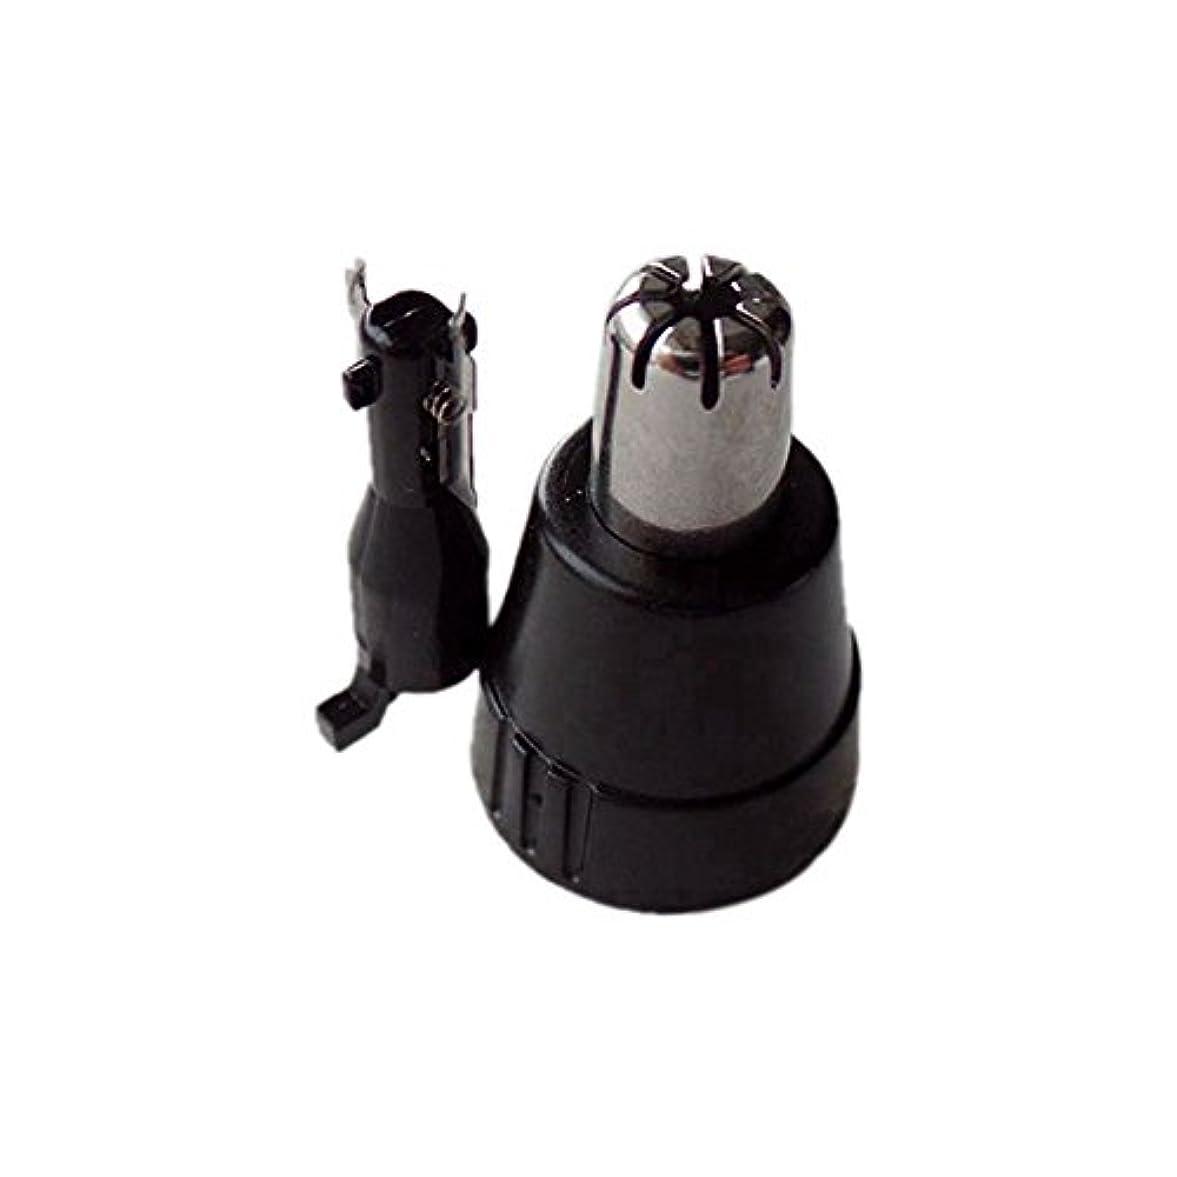 保守的ソケット島Janjunsi 鼻毛カッター部品 交換用 パーツ 内刃 外刃 替刃 耐用 for Panasonic 鼻毛カッター ER-GN30/-GN10